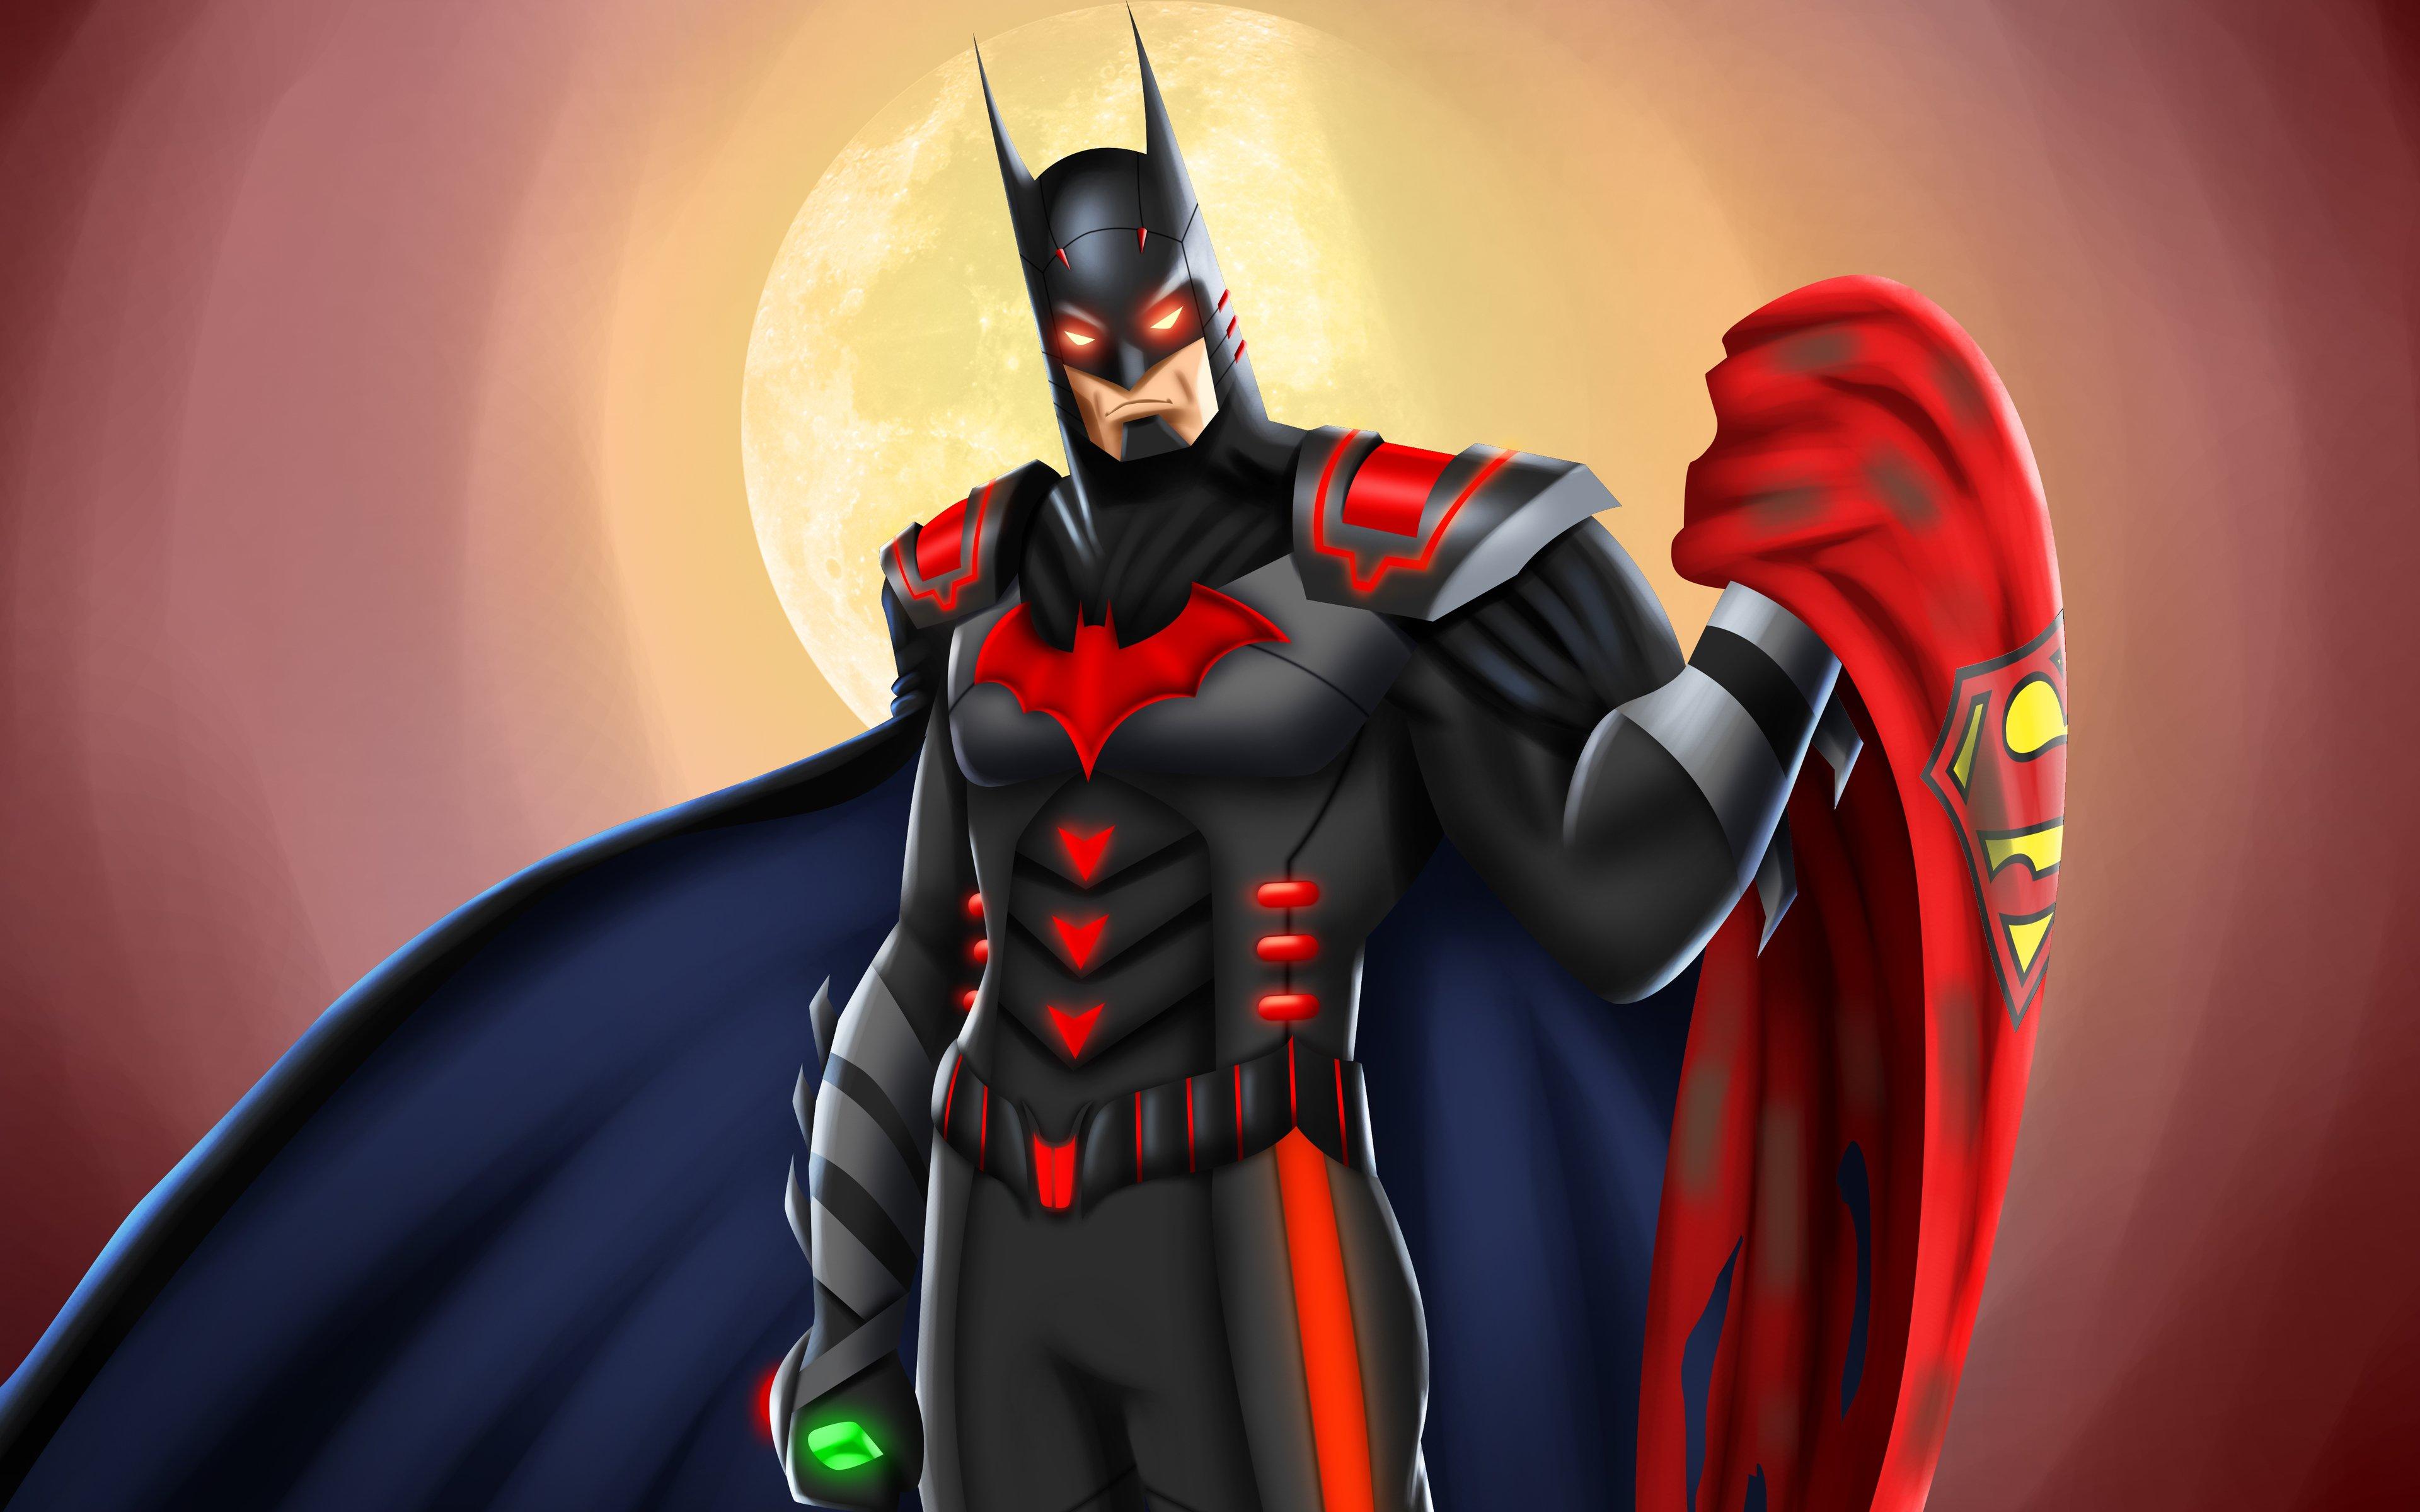 Fondos de pantalla Injustice Regime Batman